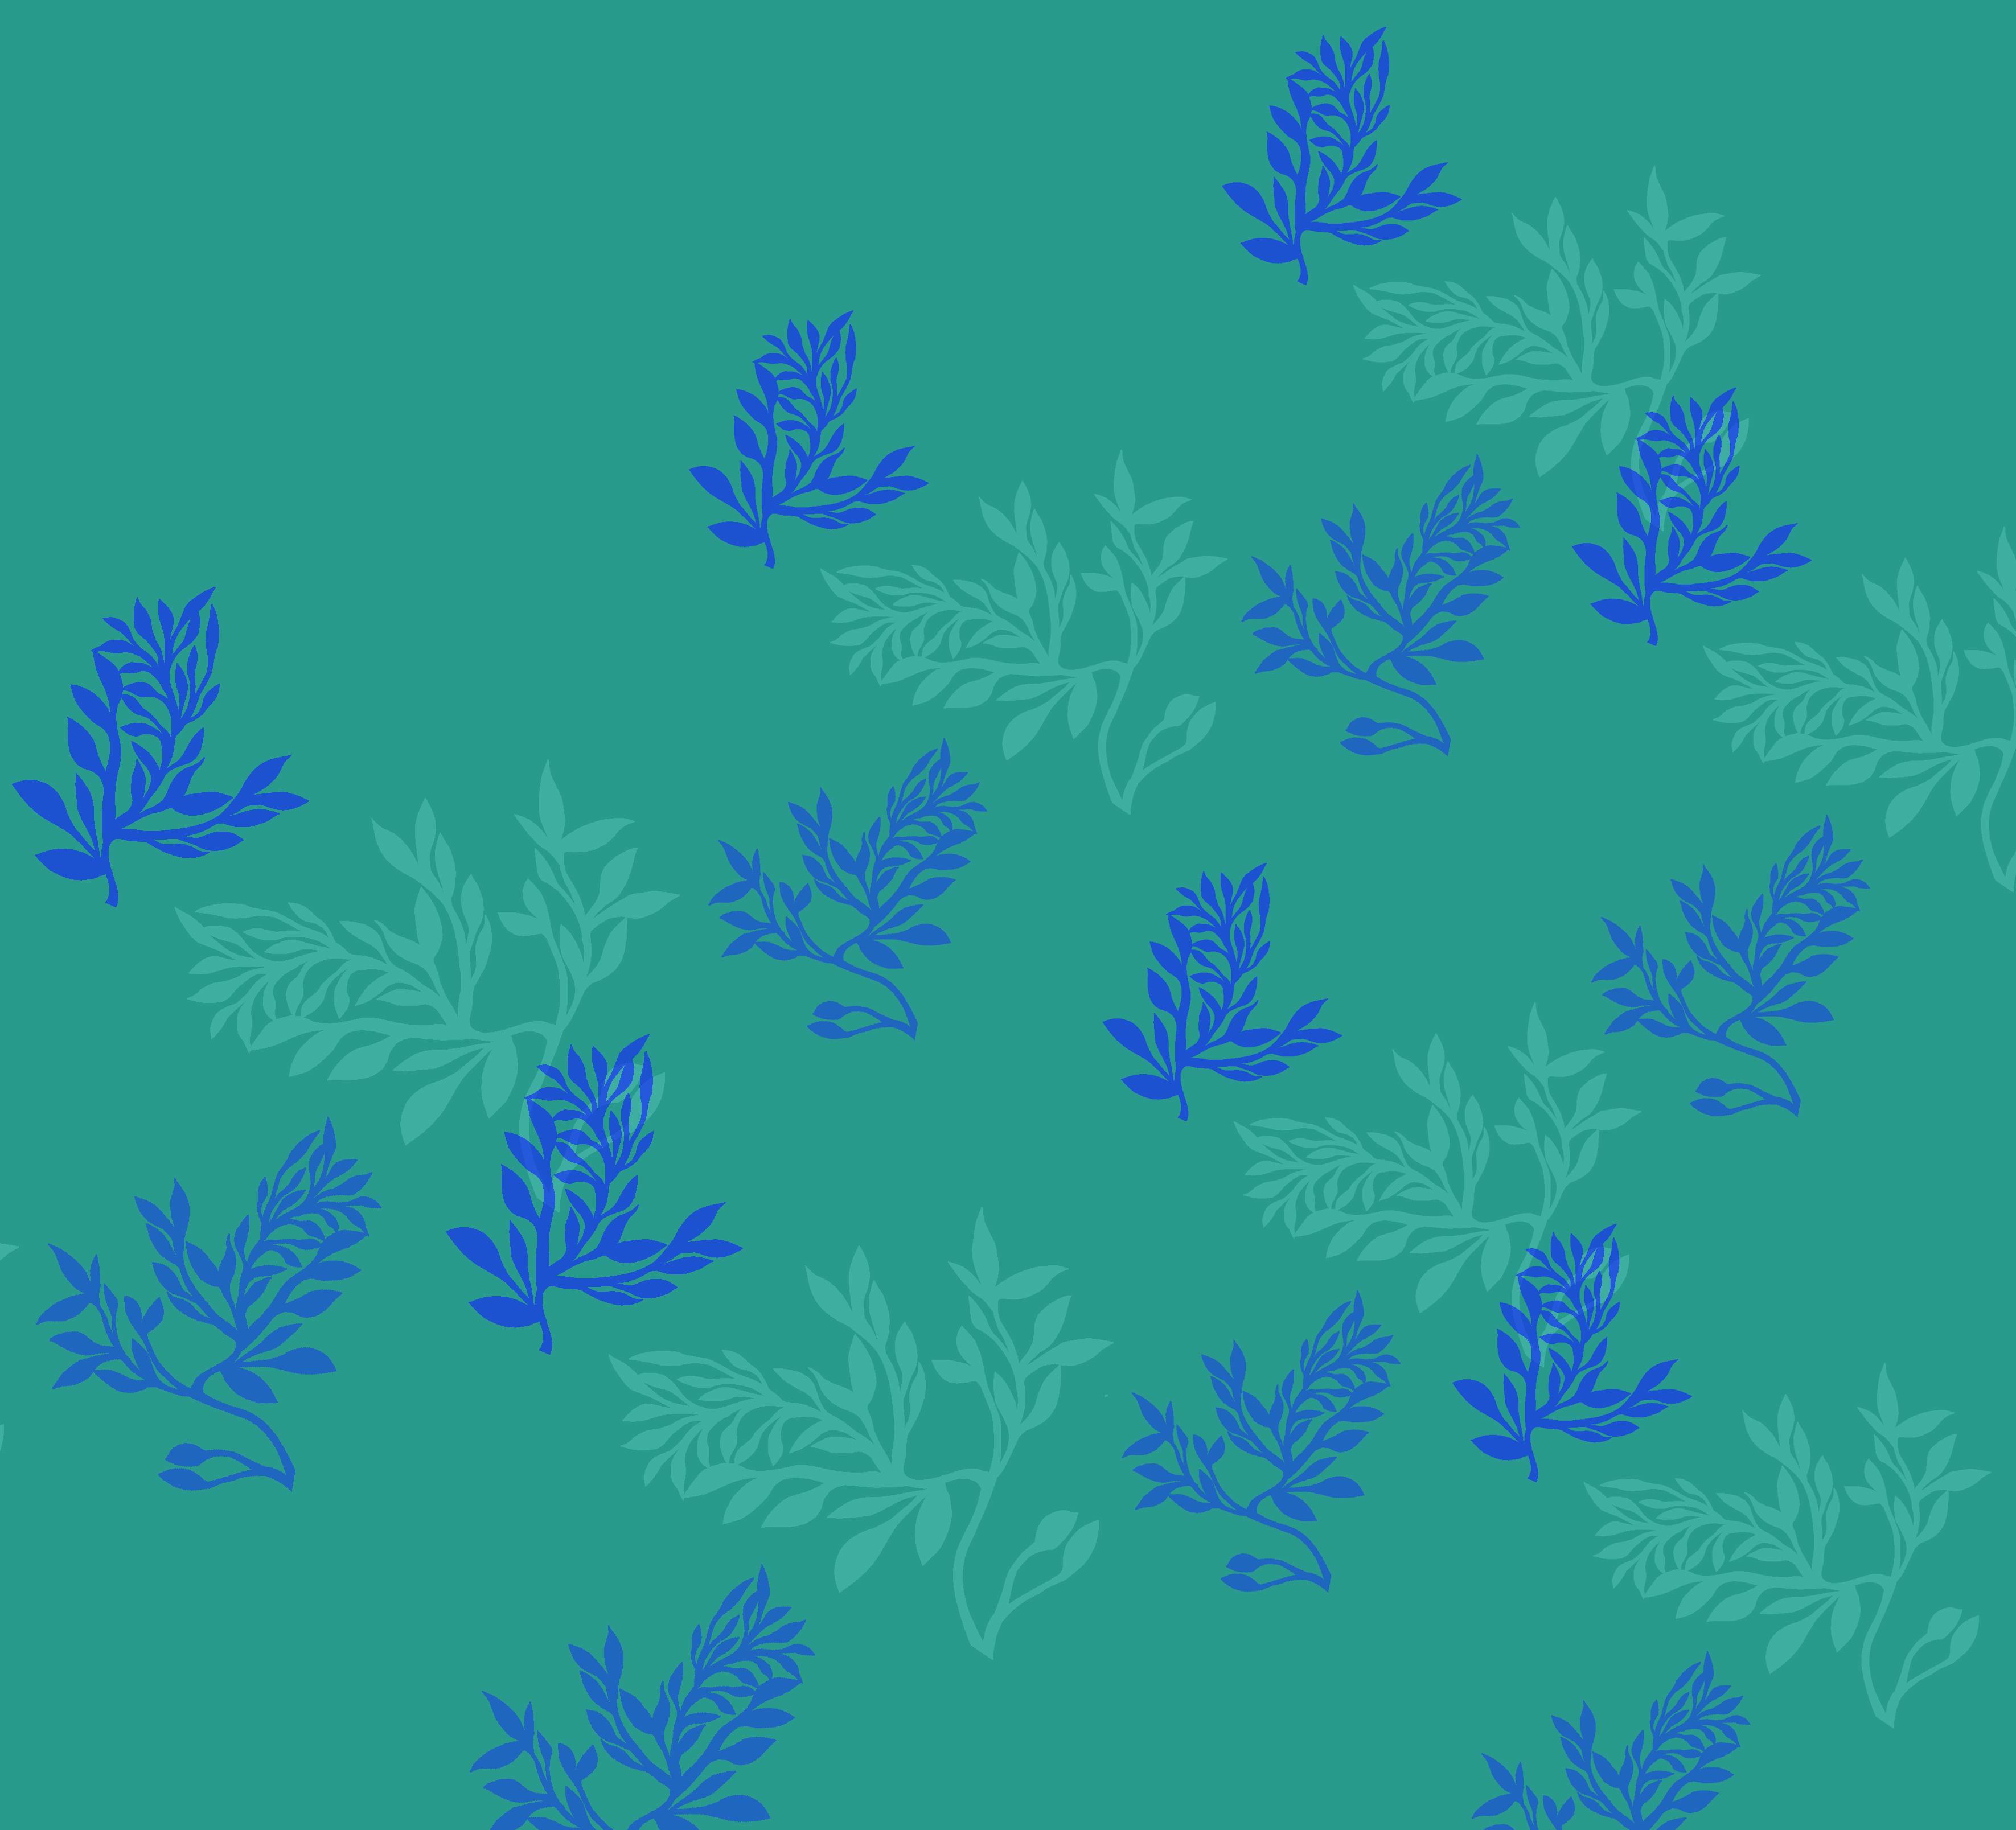 motifs végétaux2